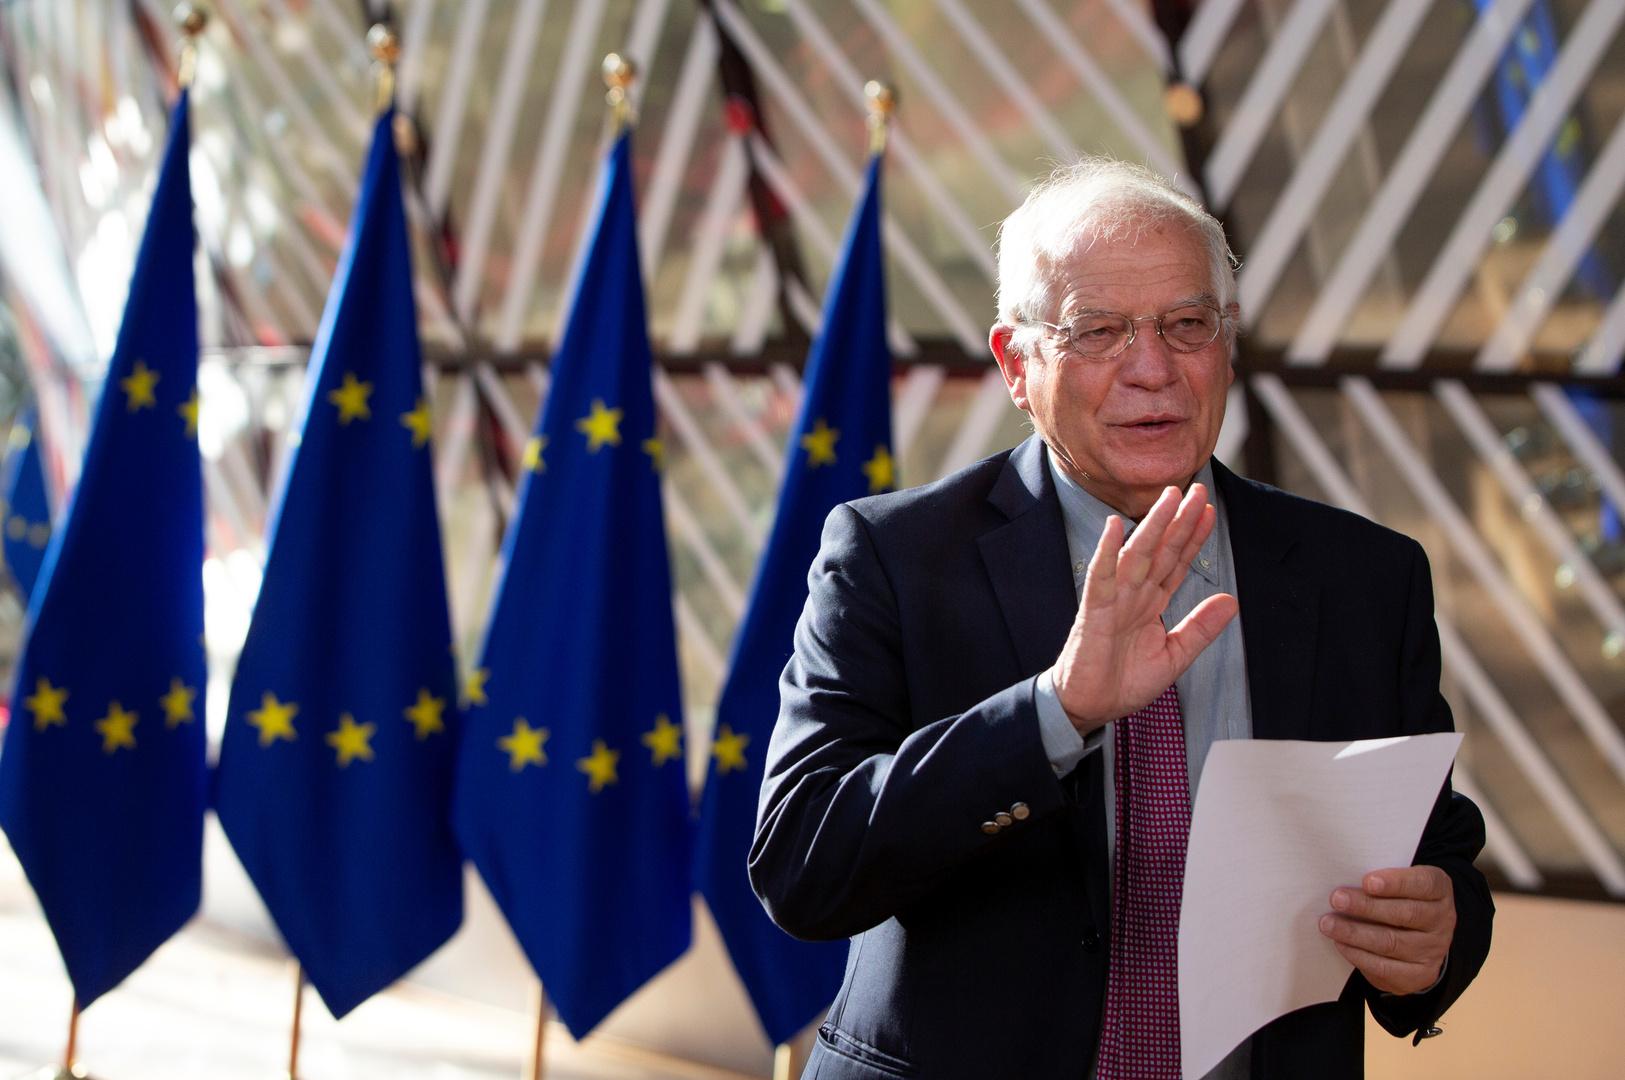 11 دولة أوروبية تطالب الاتحاد الأوروبي بإعداد إجراءات ضد إسرائيل